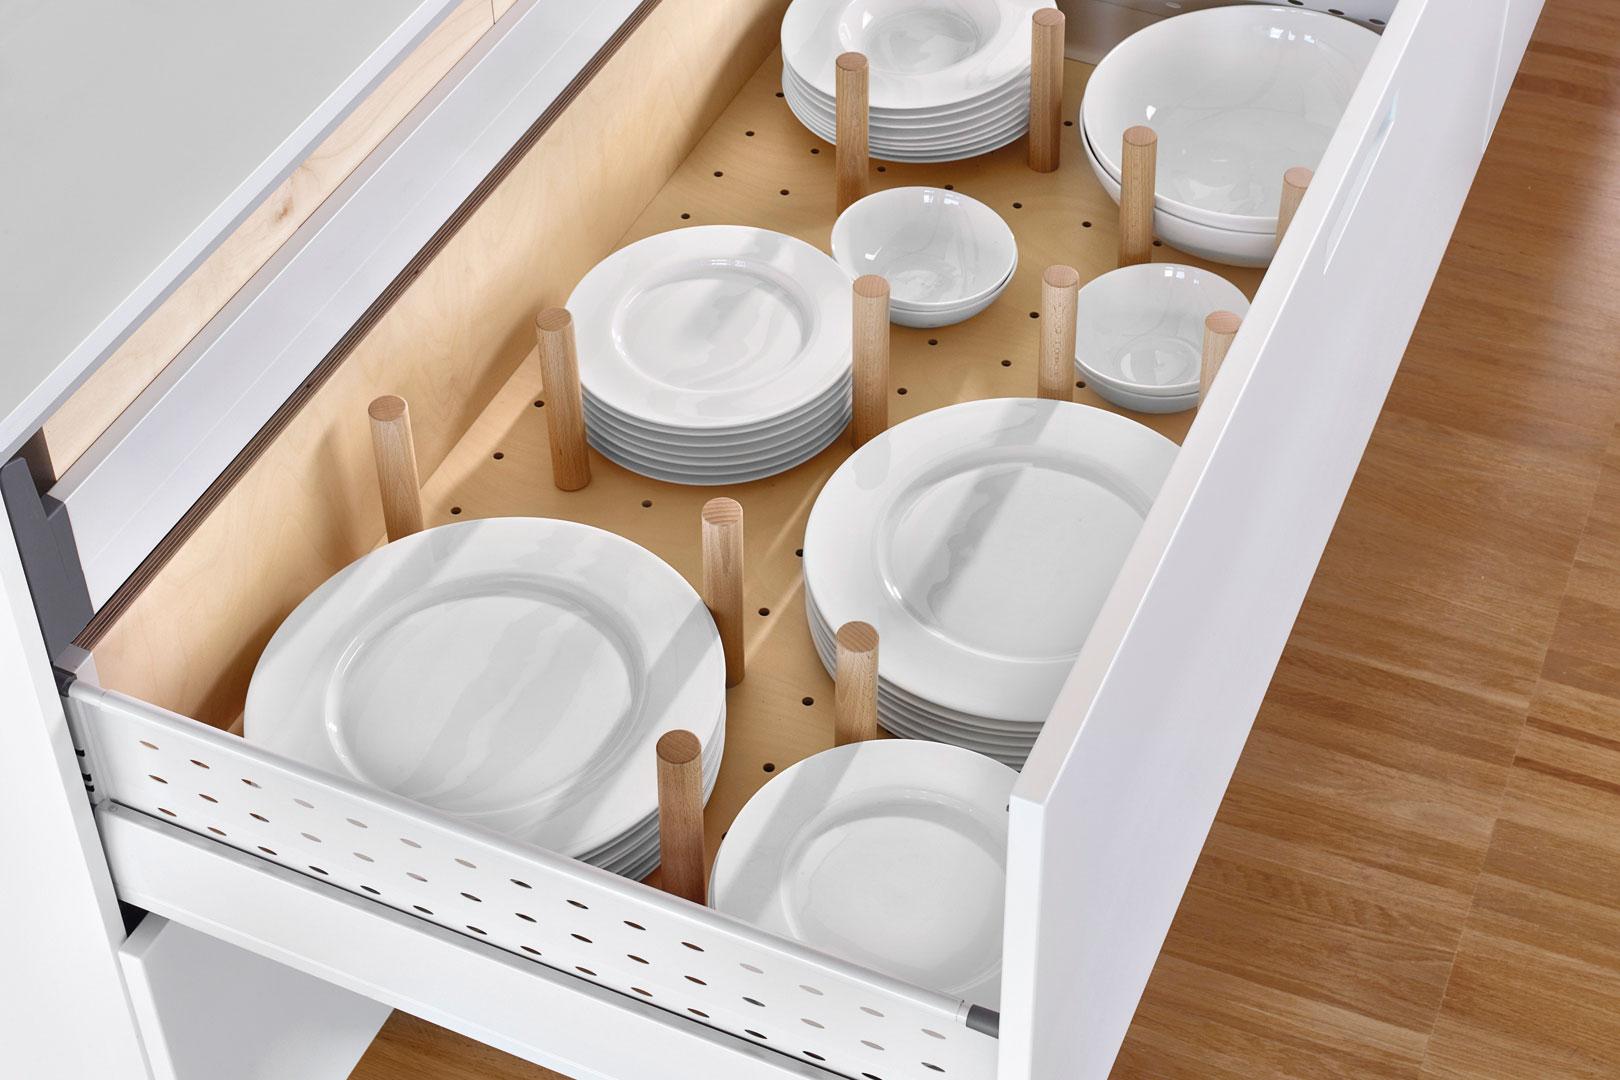 Accesorios para tu cocina Santos: orden y belleza   Platero   Santiago Interiores